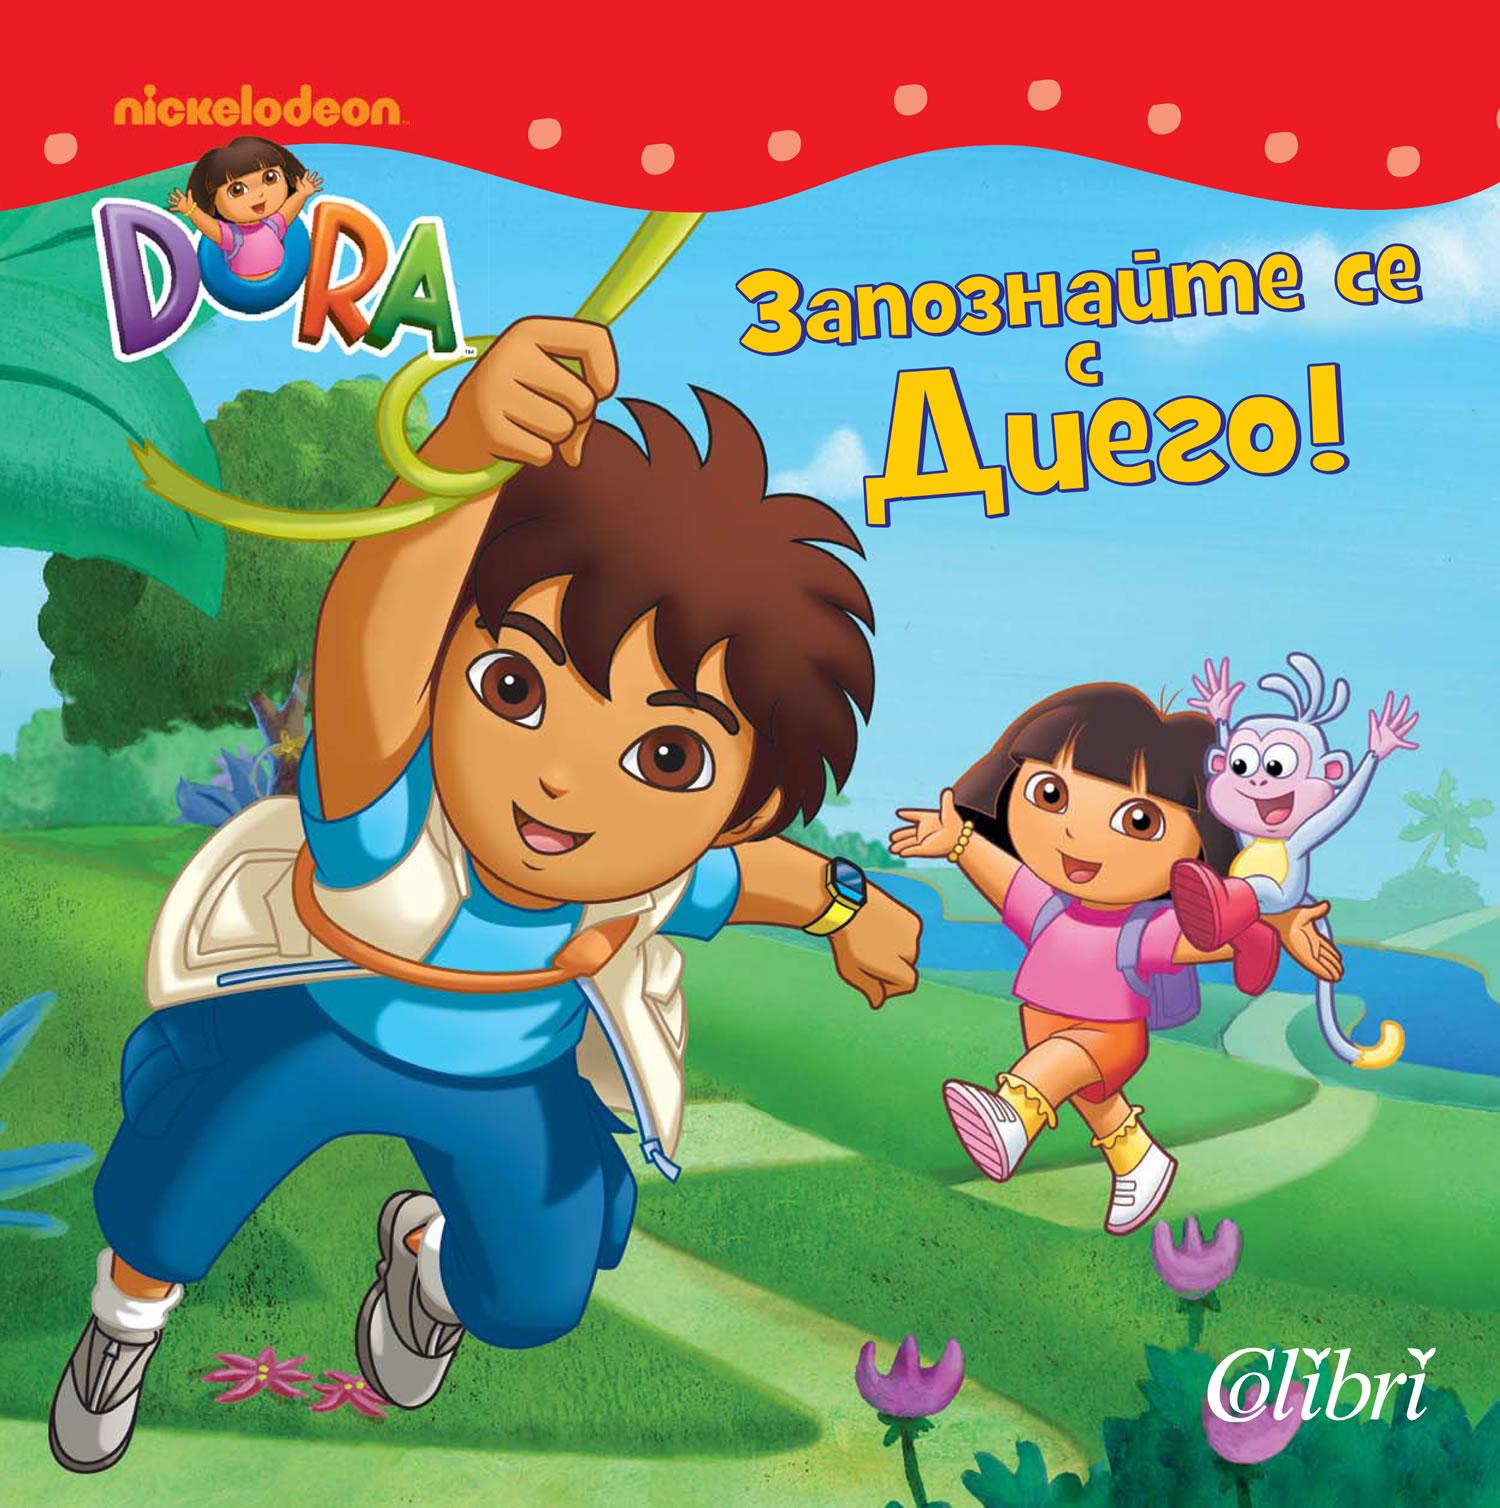 Dora The Explorer Meet Diego From Dora The Explorer Book Info